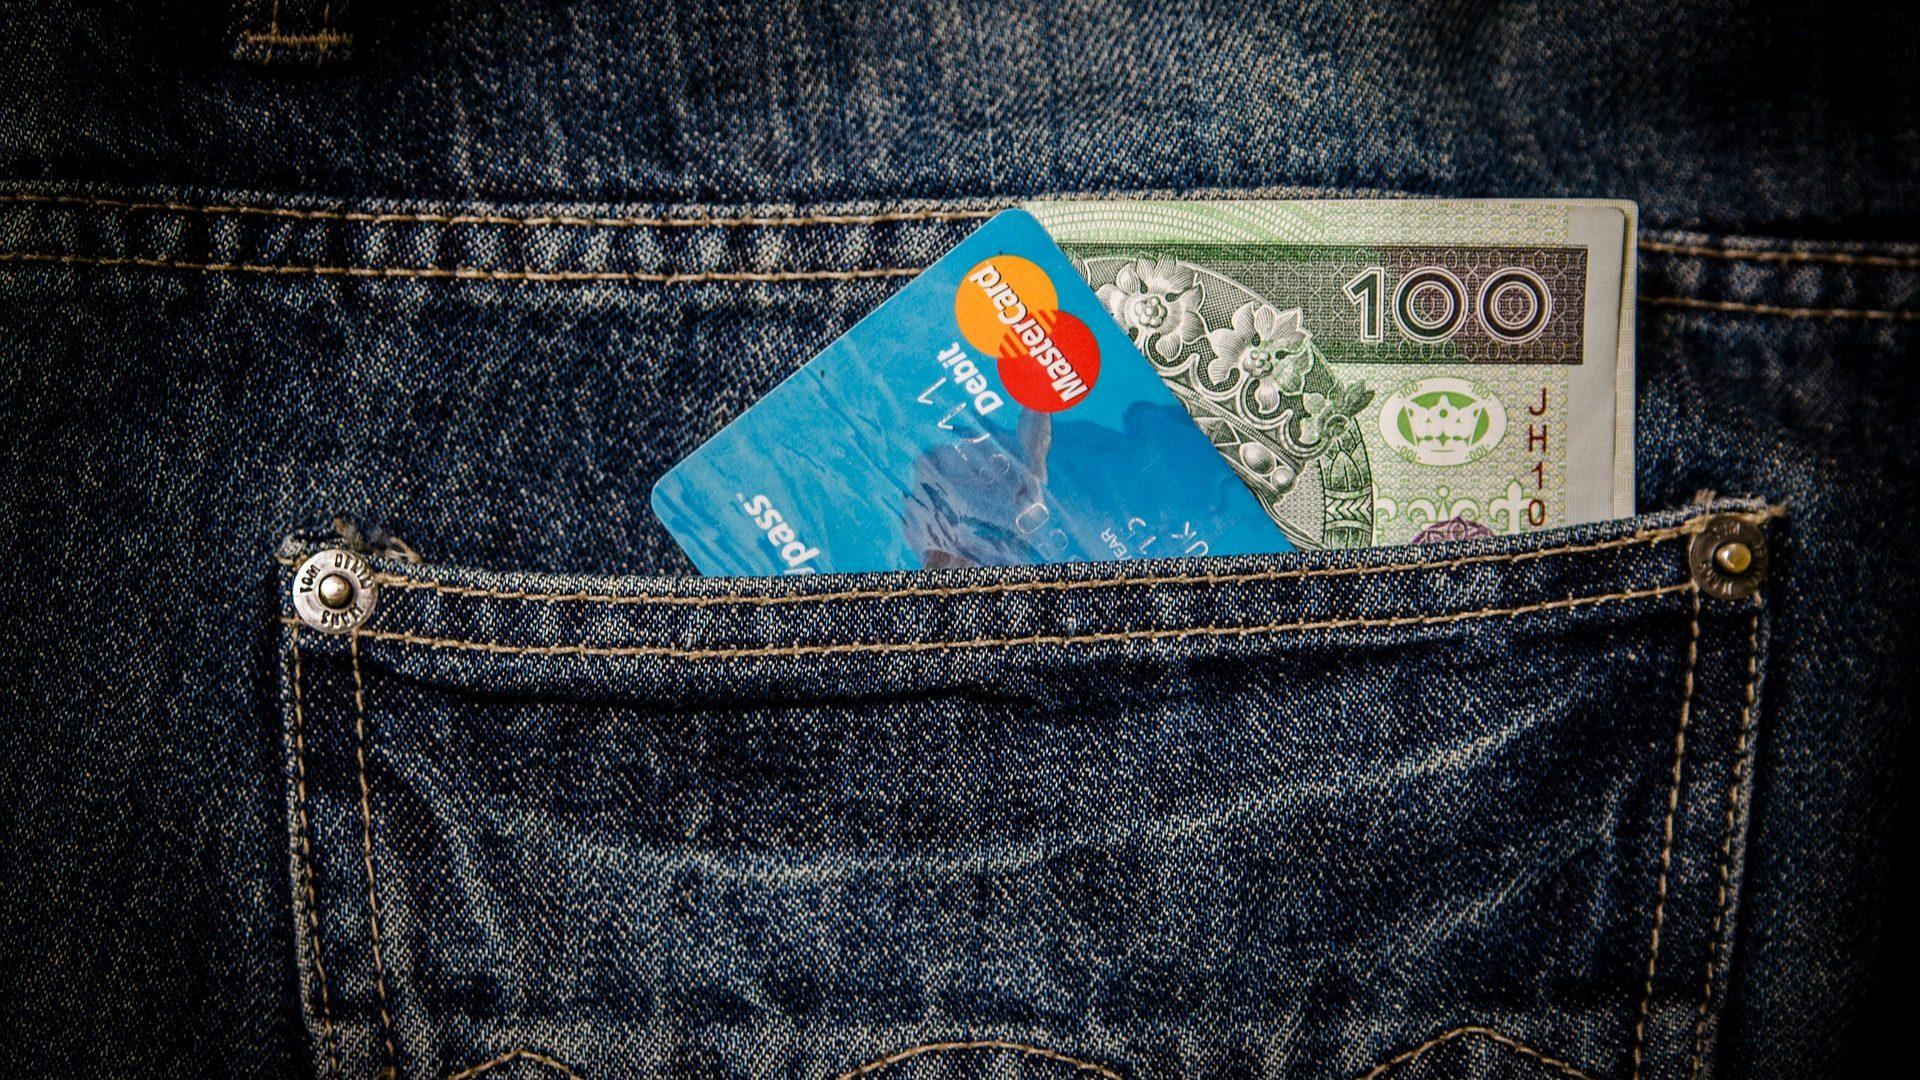 キャッシュバックありのおすすめクレジットカード5選|キャンペーン